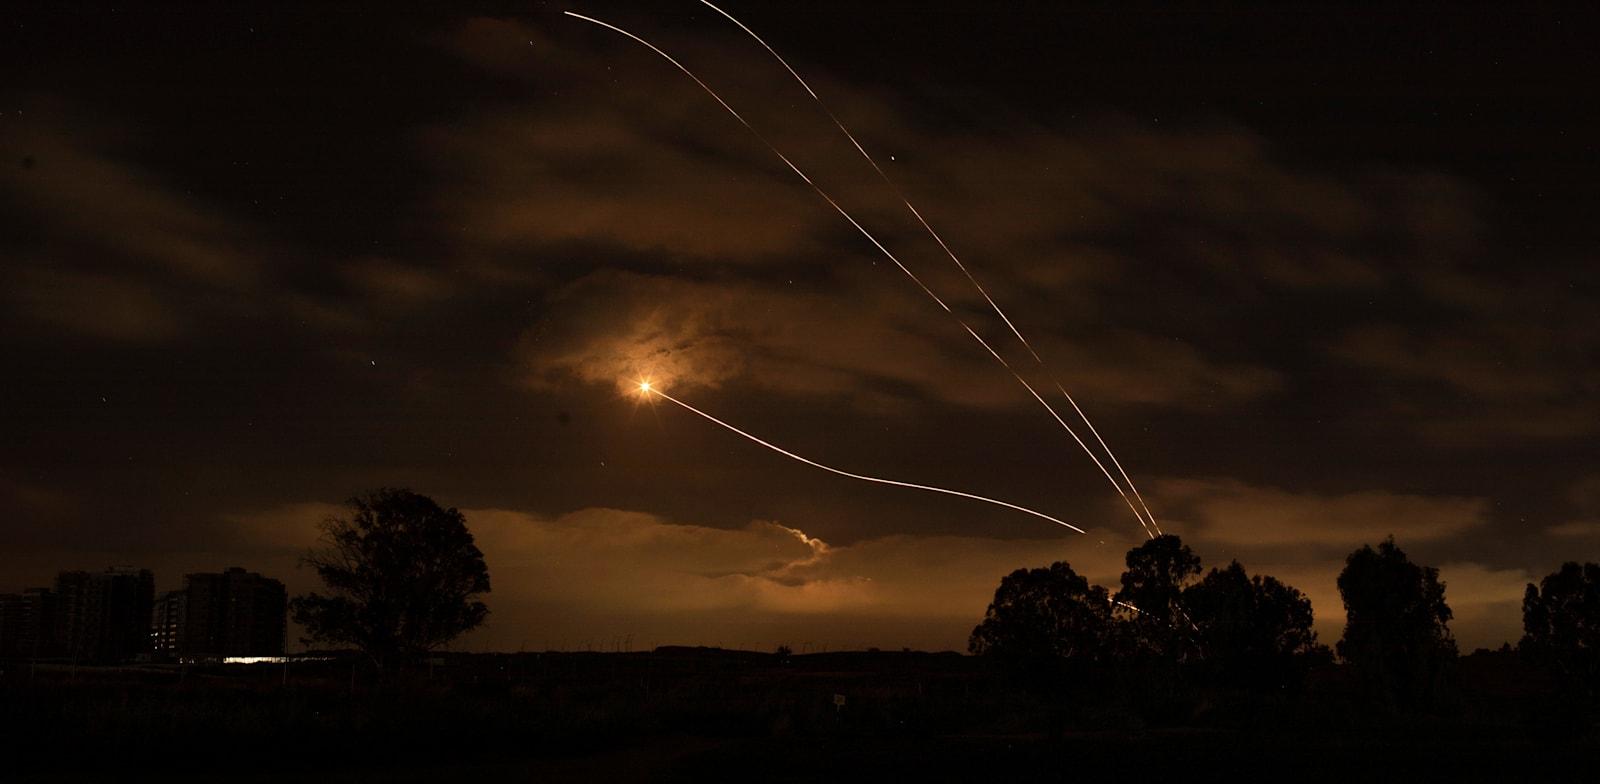 כיפת ברזל מיירטת רקטות שנורו מרצועת עזה לעבר ישראל / צילום: Reuters